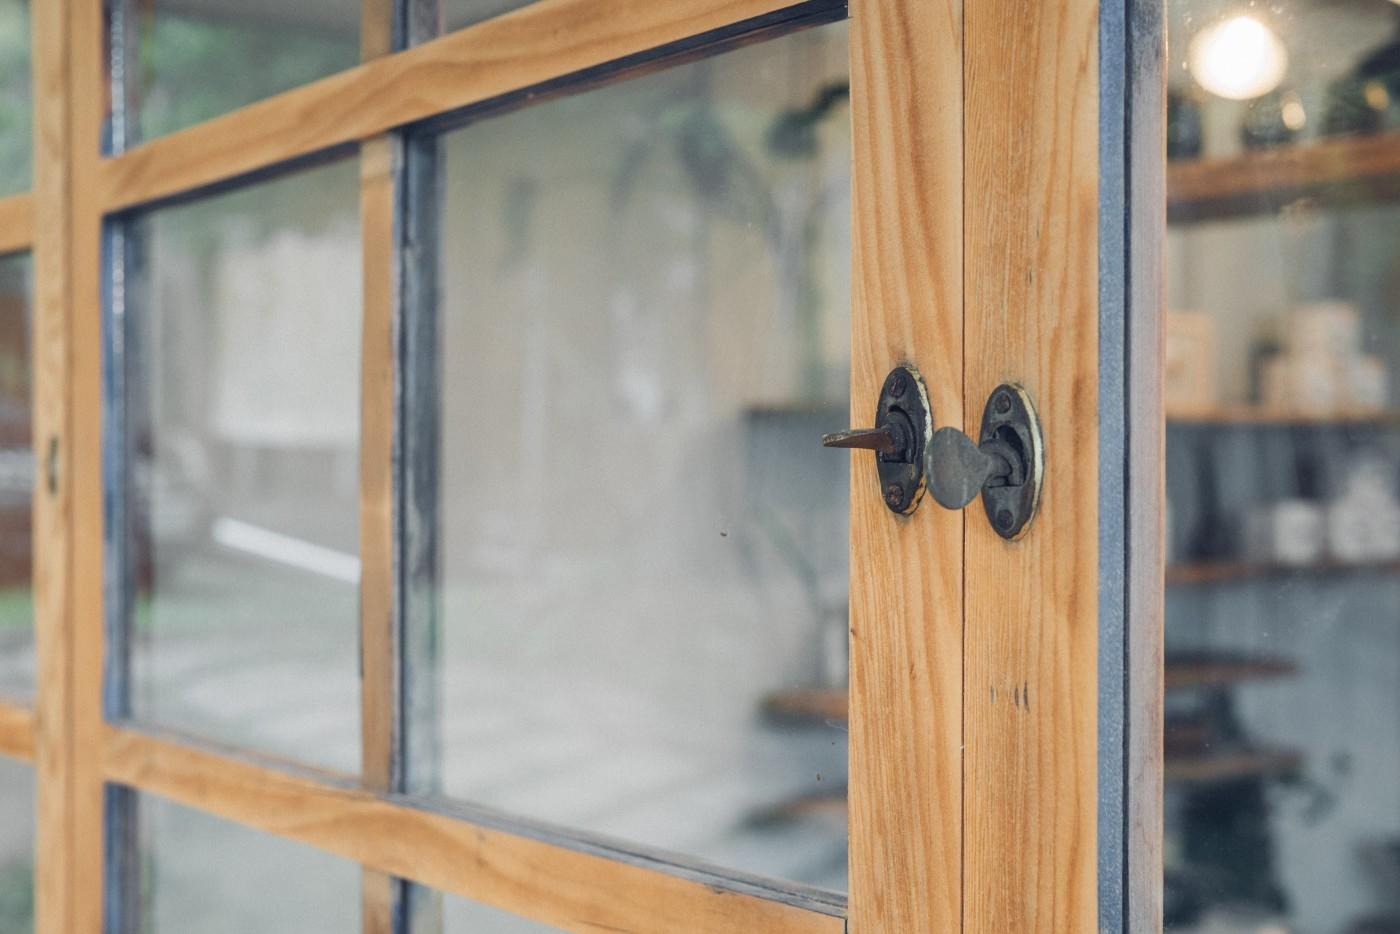 阿里山樟樹湖山角鐵茶屋舊有窗戶再造利用